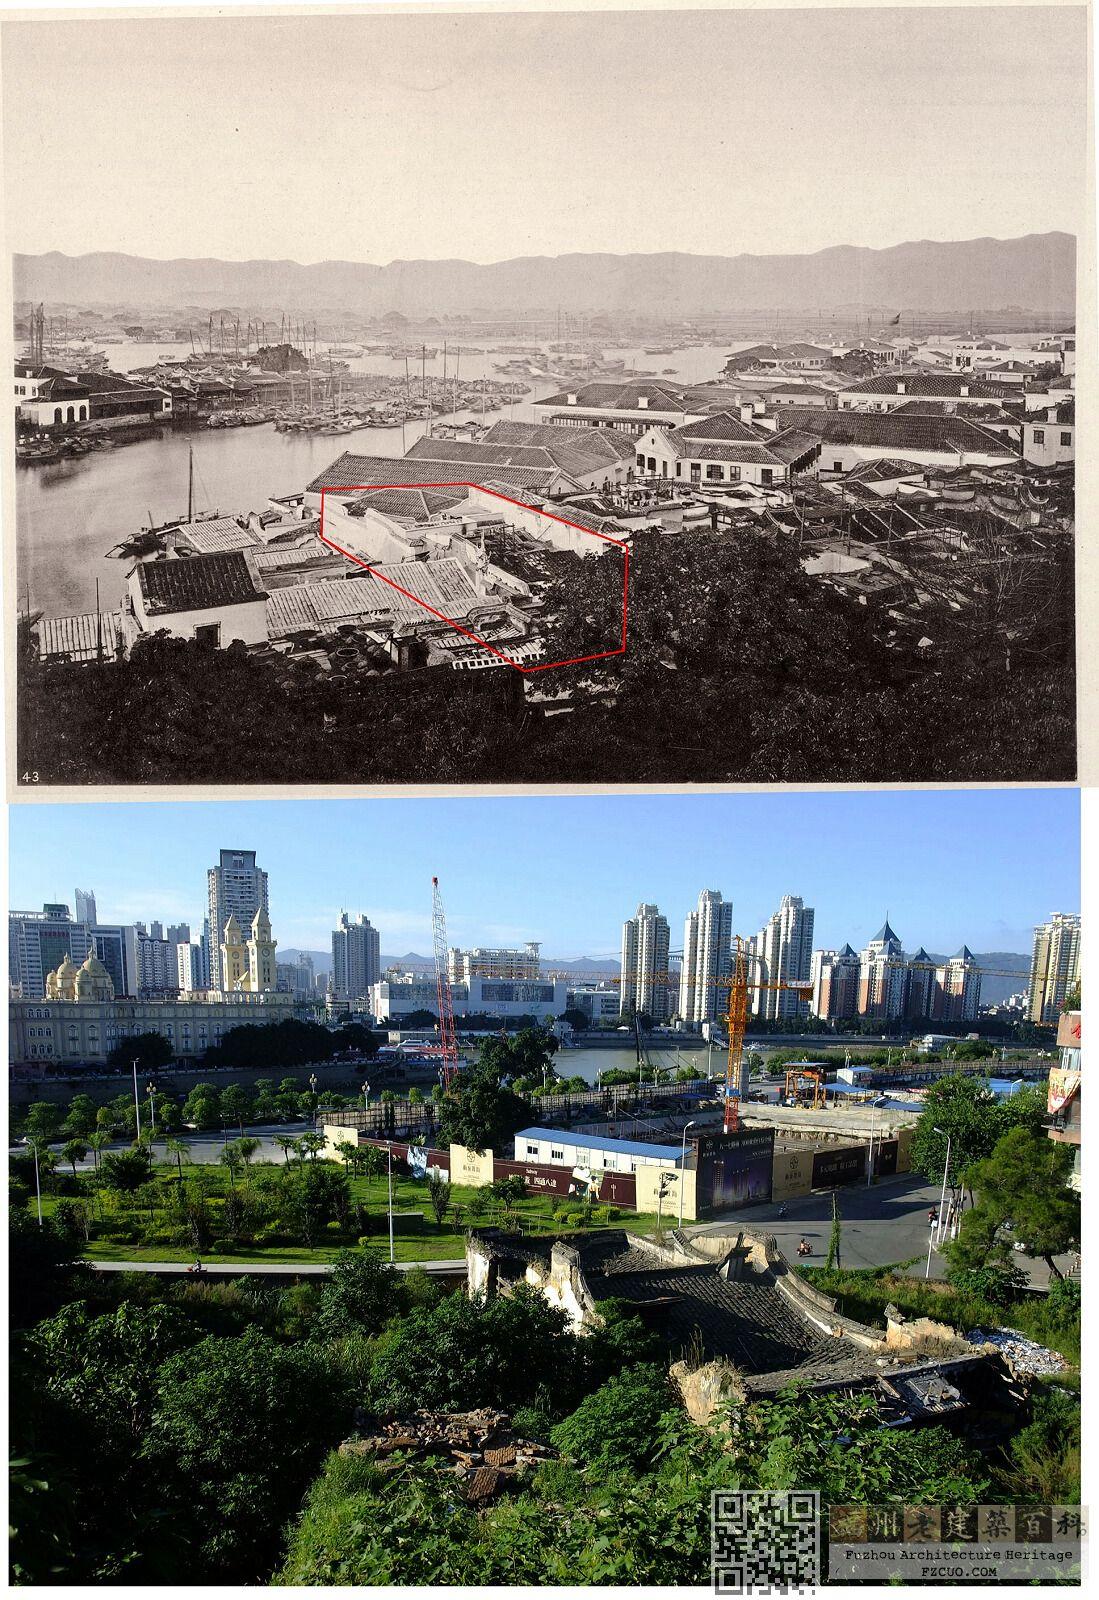 百年对比:从烟台山望洪宅(上图:来源不明,约摄于20世纪初;下图:nenva摄于2012年8月)